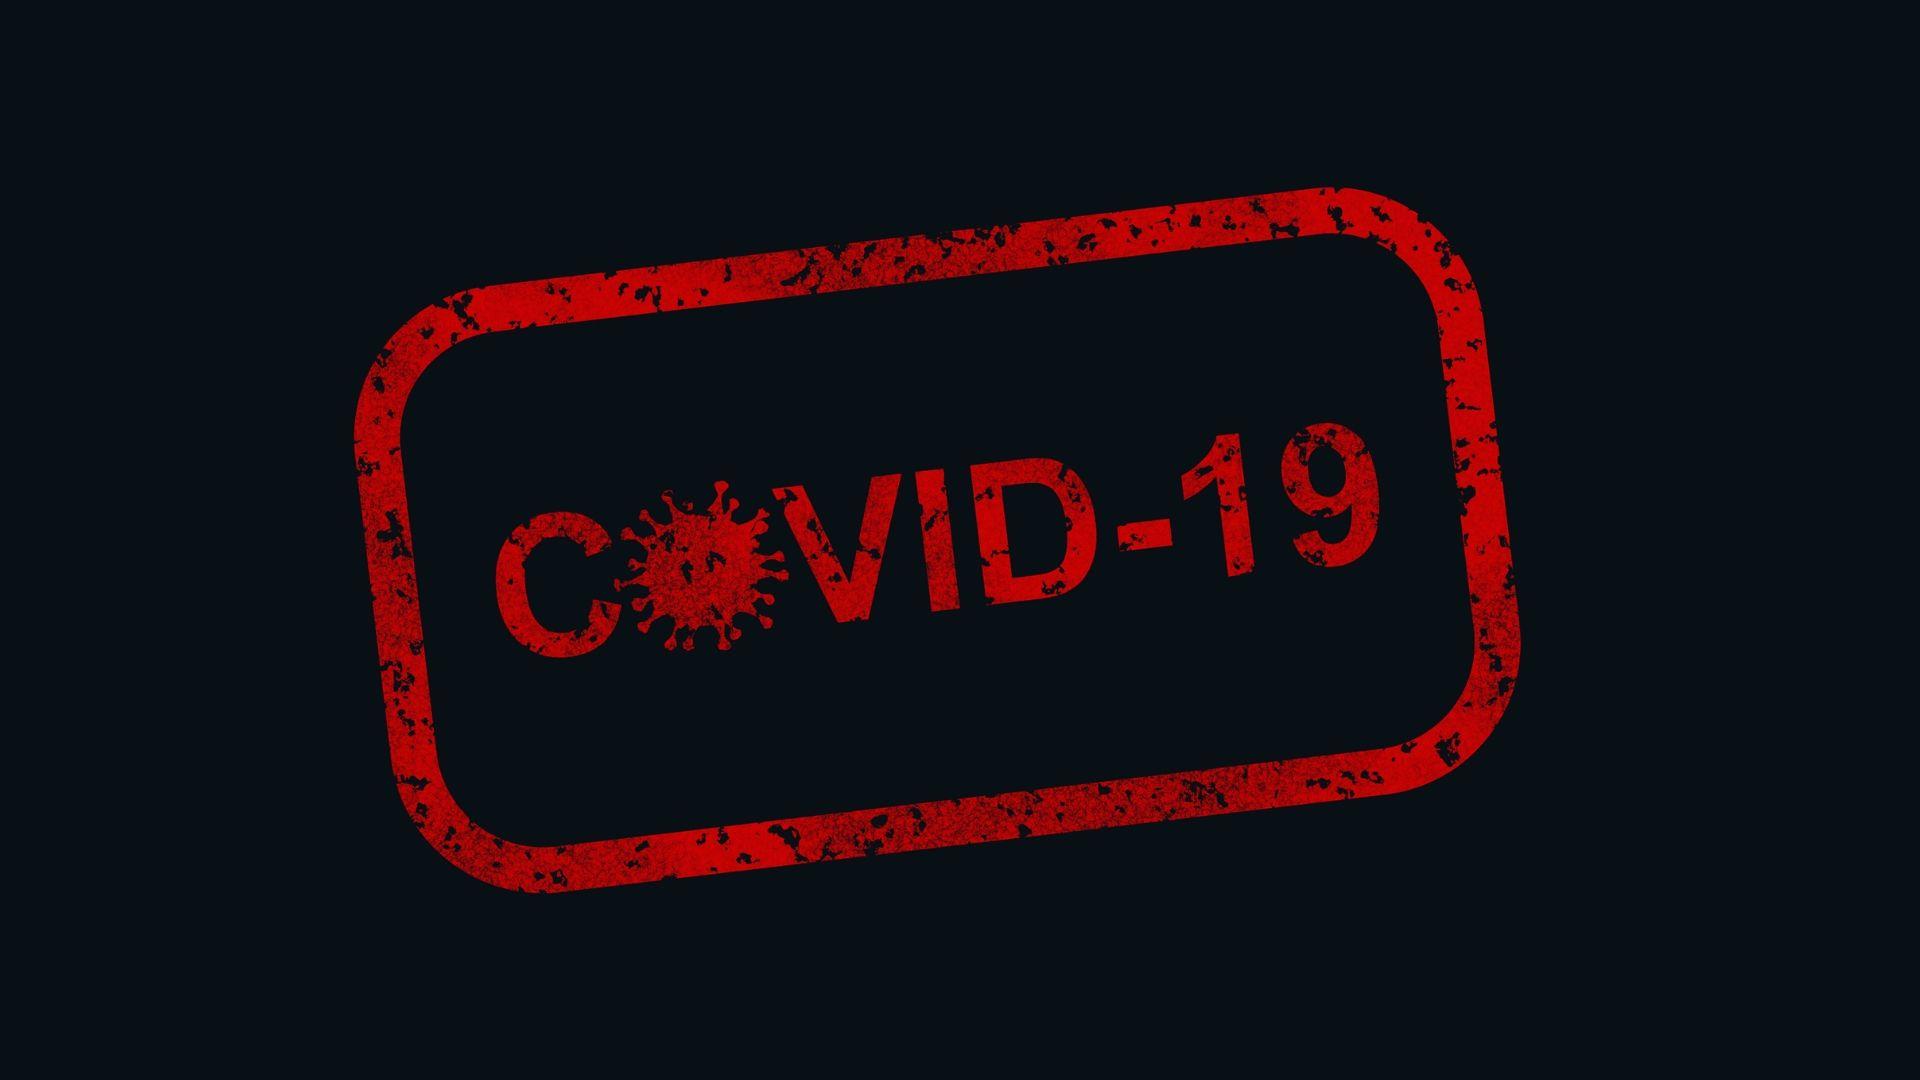 Tá Na Nuvem 105 – O fim da certificação Microsoft agora só em 2021 devido ao COVID-19